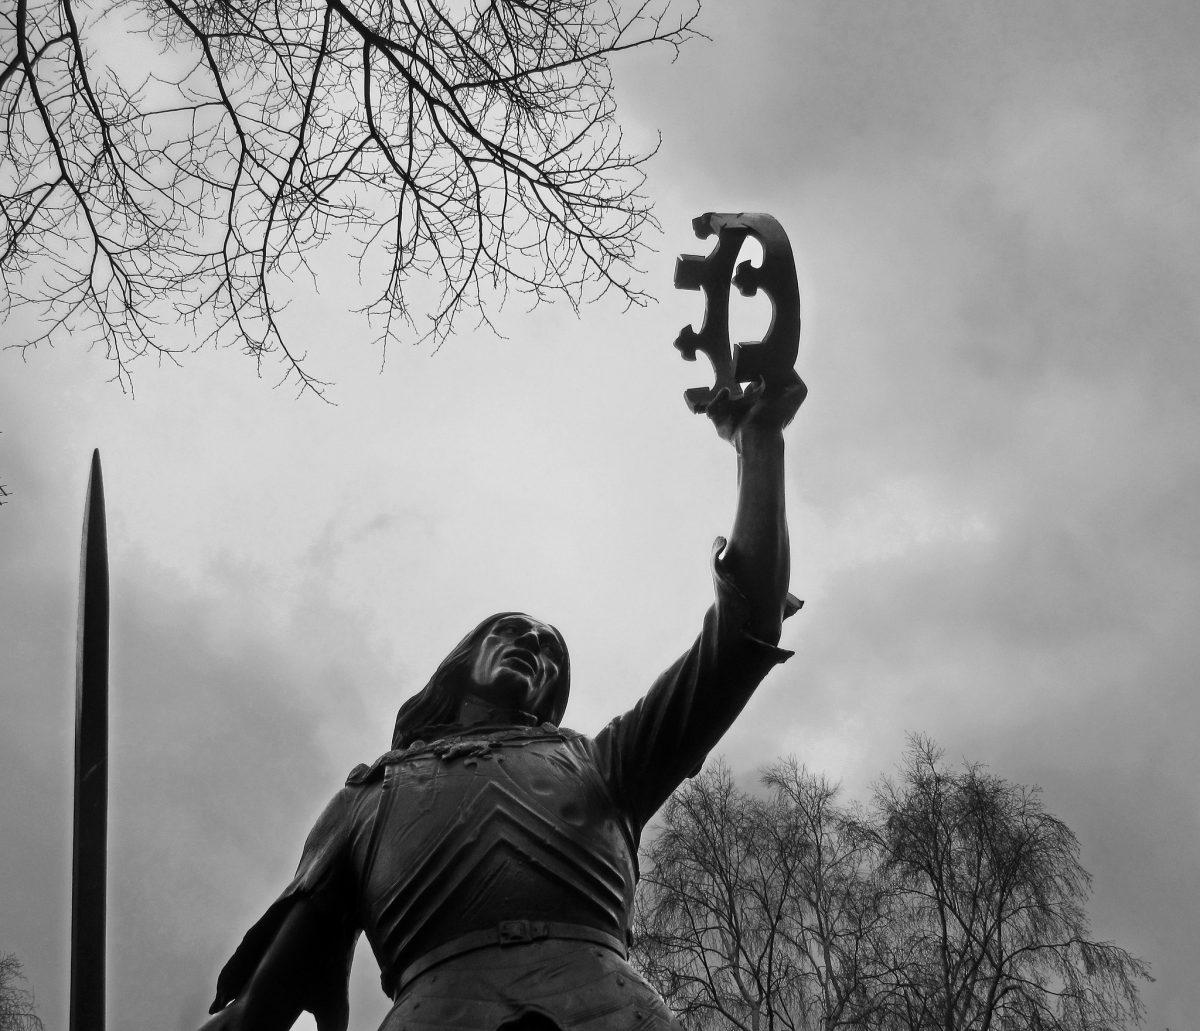 Statue of King Richard III